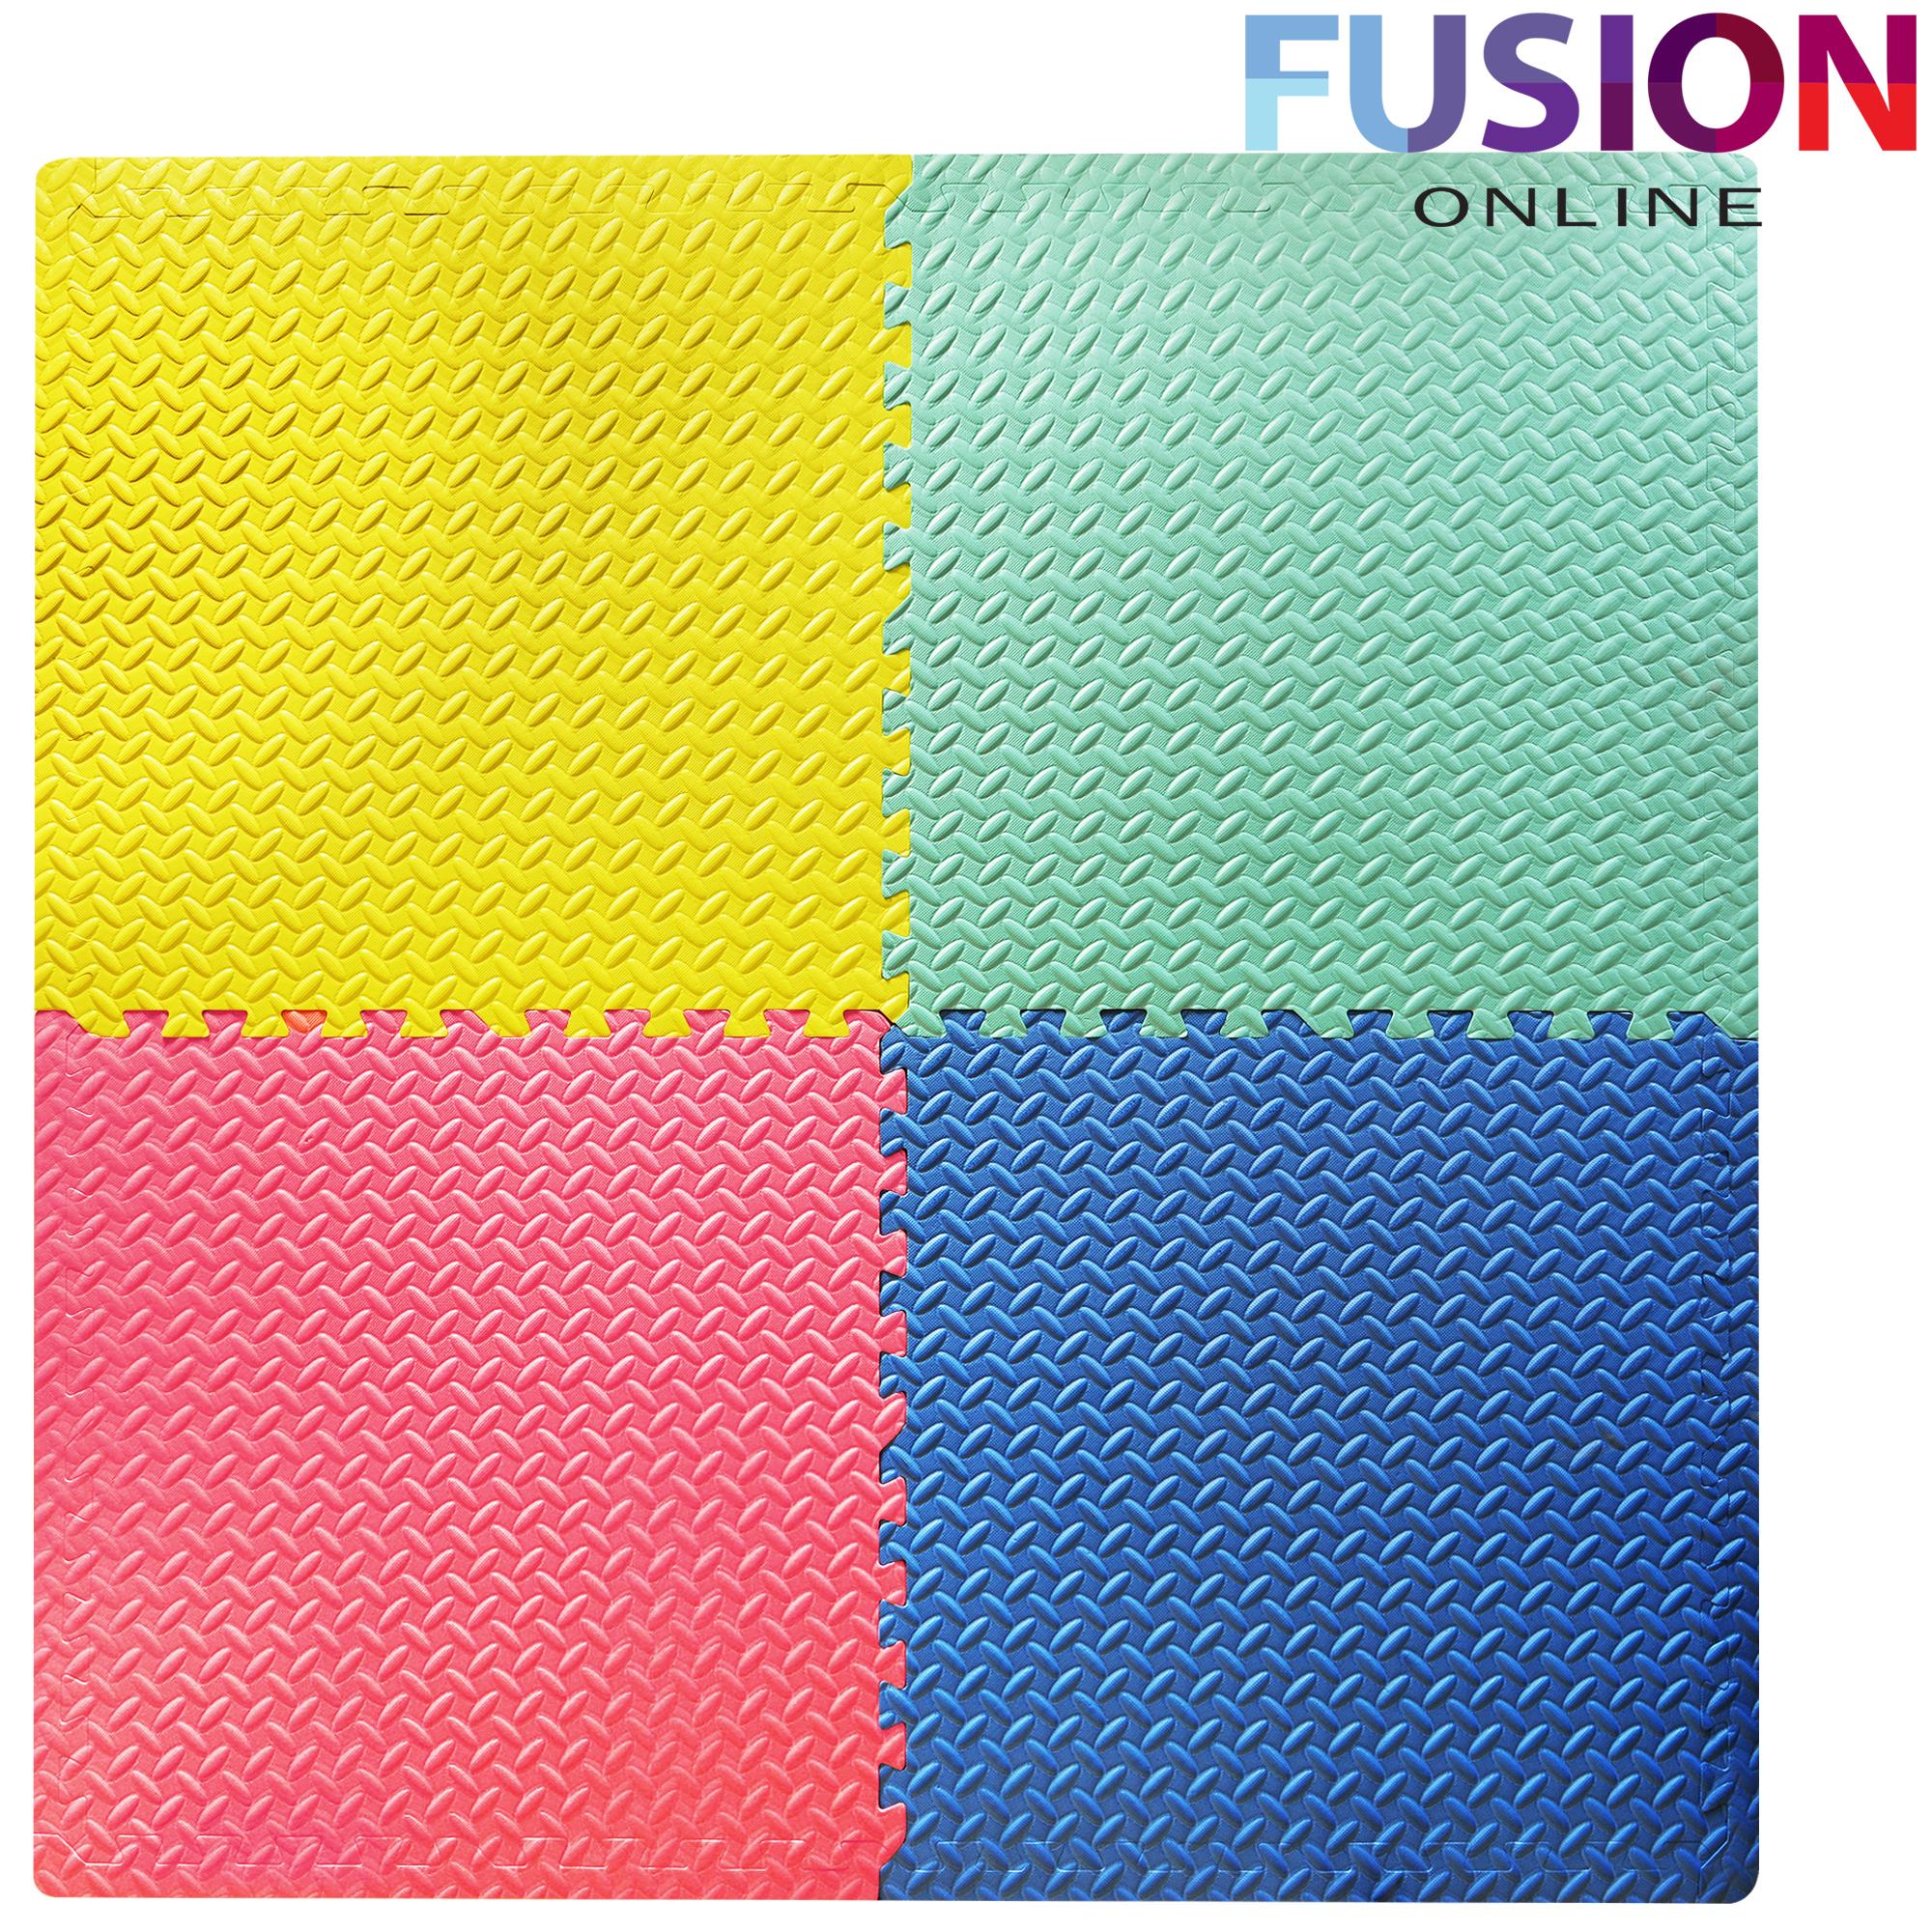 vs eva set pre size of design luxury full attached separate interiors mats hom laminate floor tiles interlocking underlayment elegant foam pcs